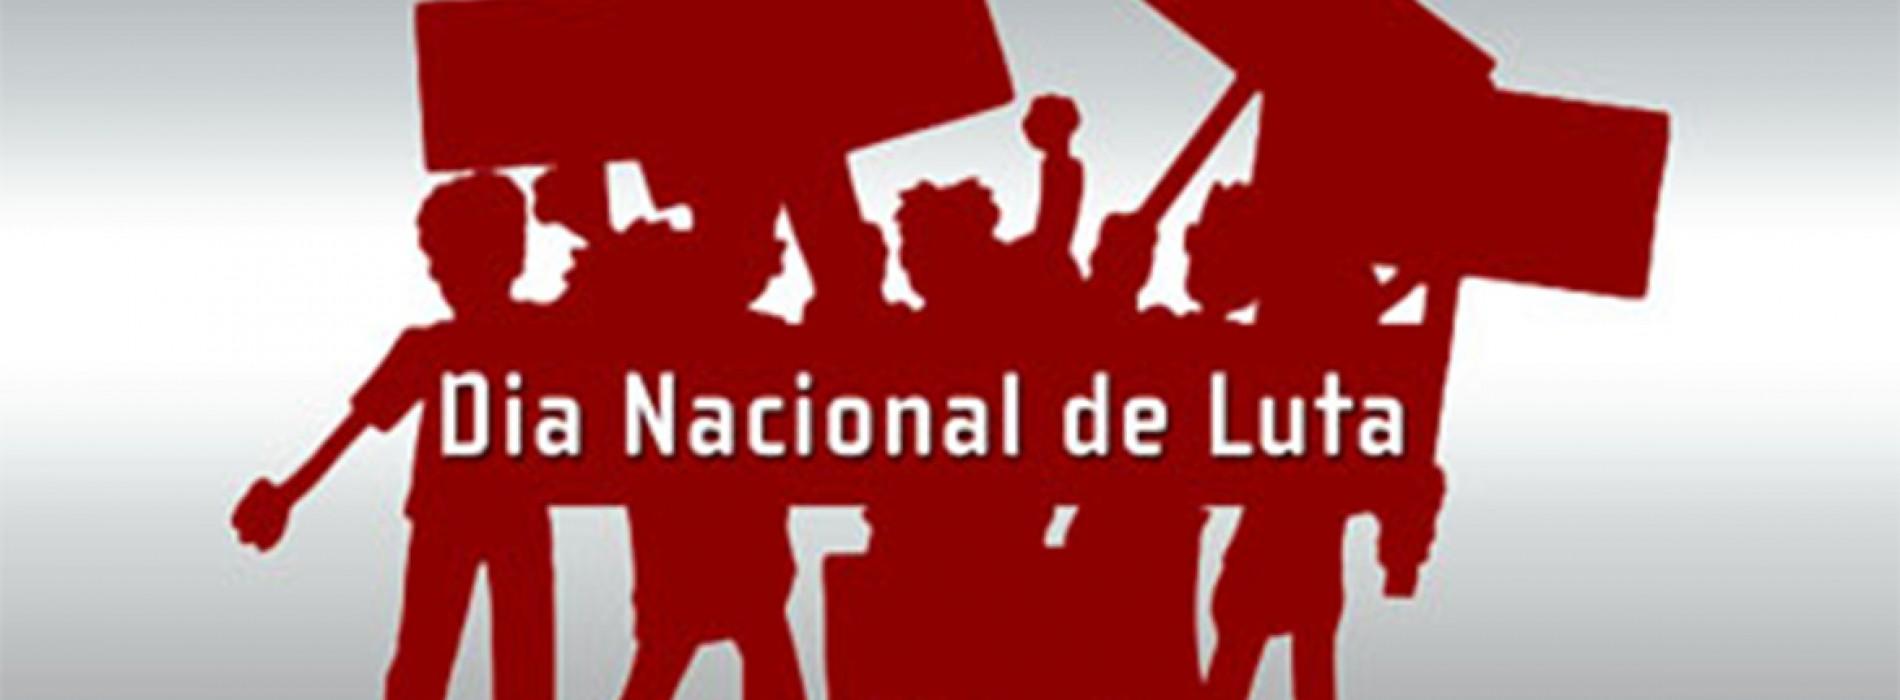 25/11 é Dia Nacional de Lutas